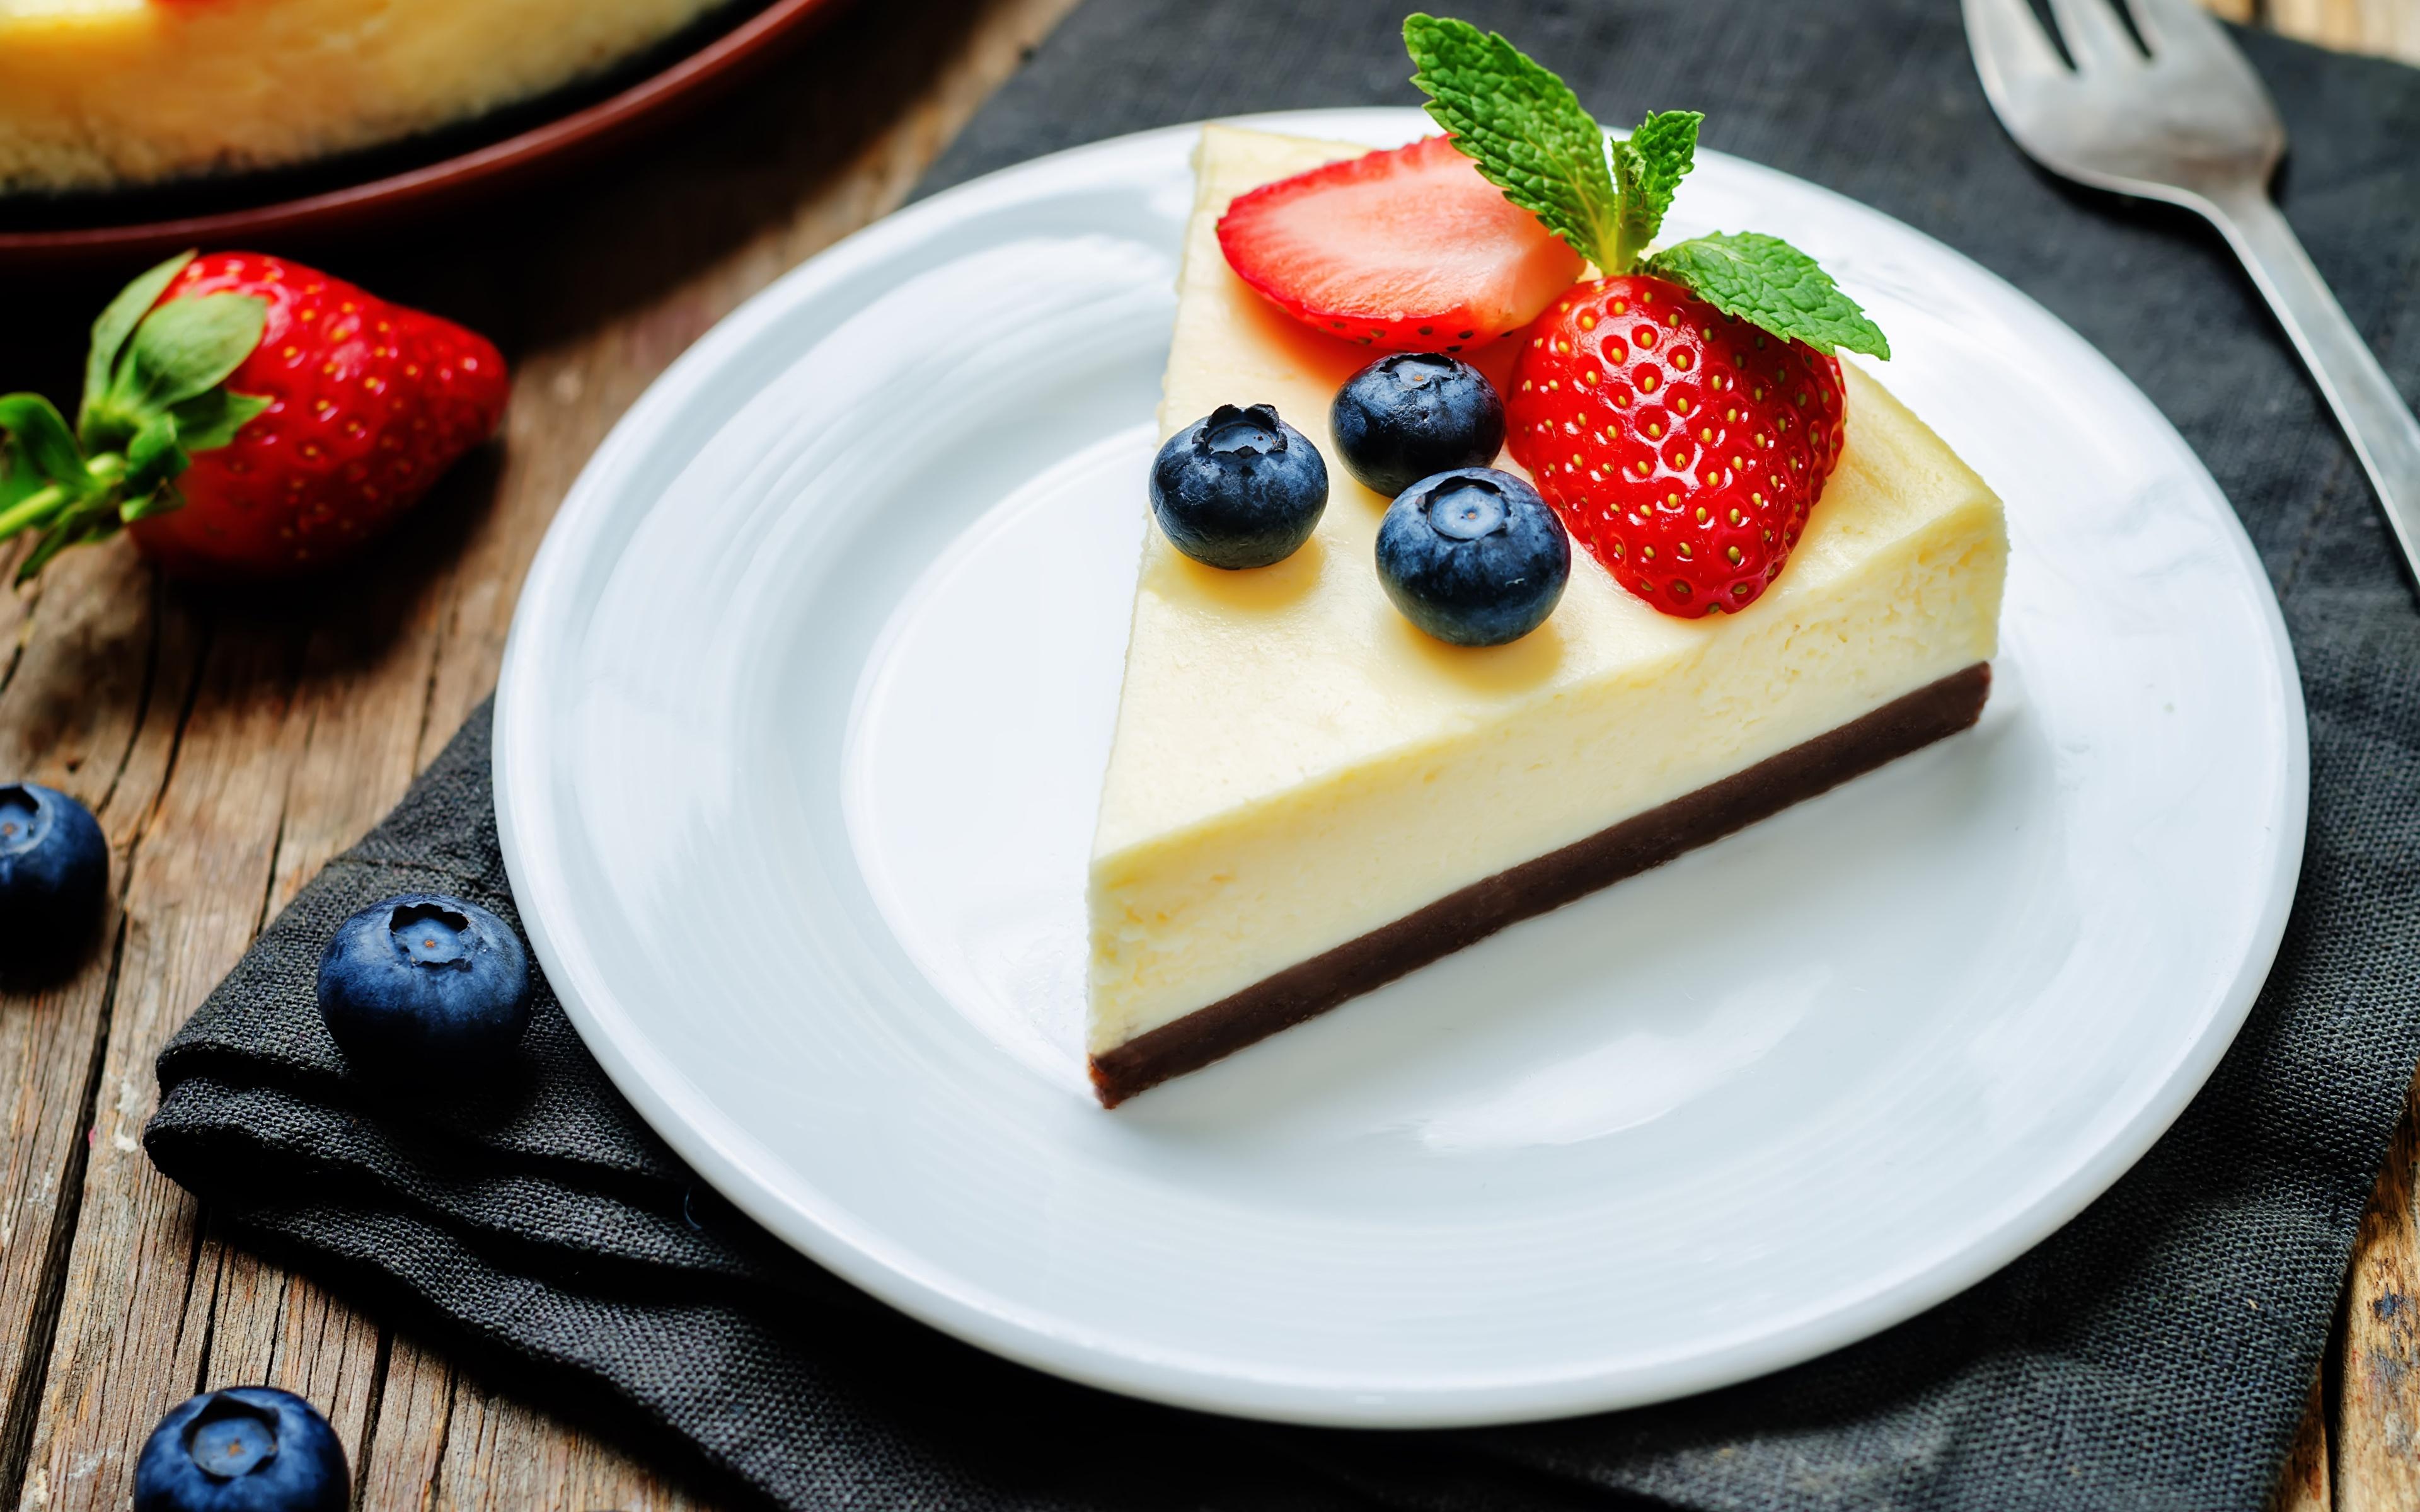 Фотография Cheesecake Десерт Черника кусочек Клубника Еда Тарелка 3840x2400 часть Кусок кусочки Пища тарелке Продукты питания